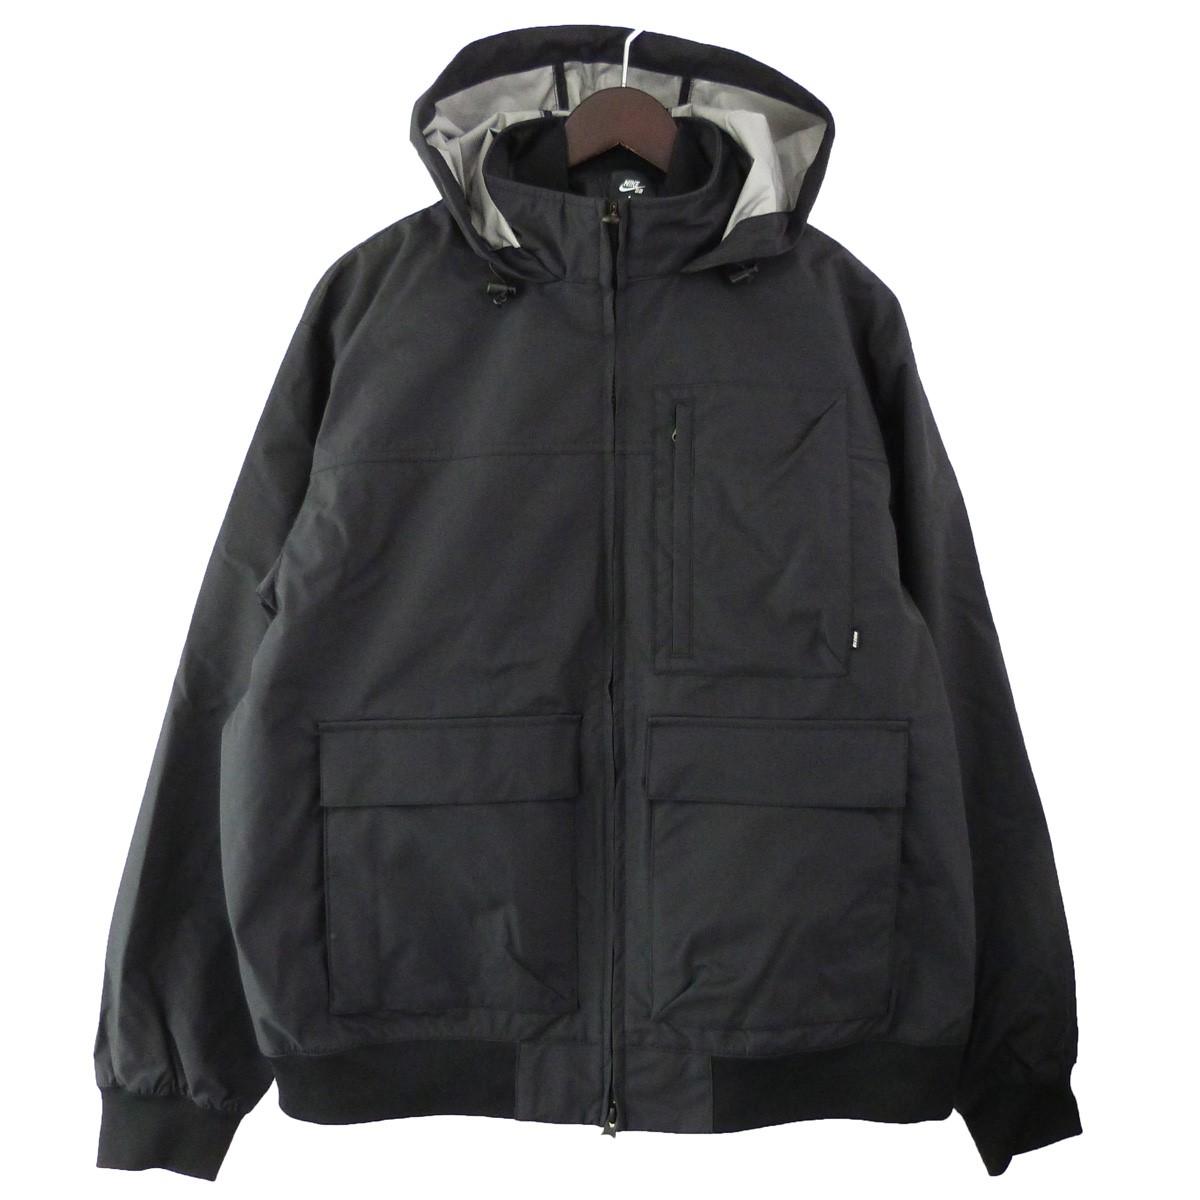 【中古】NIKE SB 19AW シールドスケートボードジャケット ブラック サイズ:XL 【040120】(ナイキ エスビー)